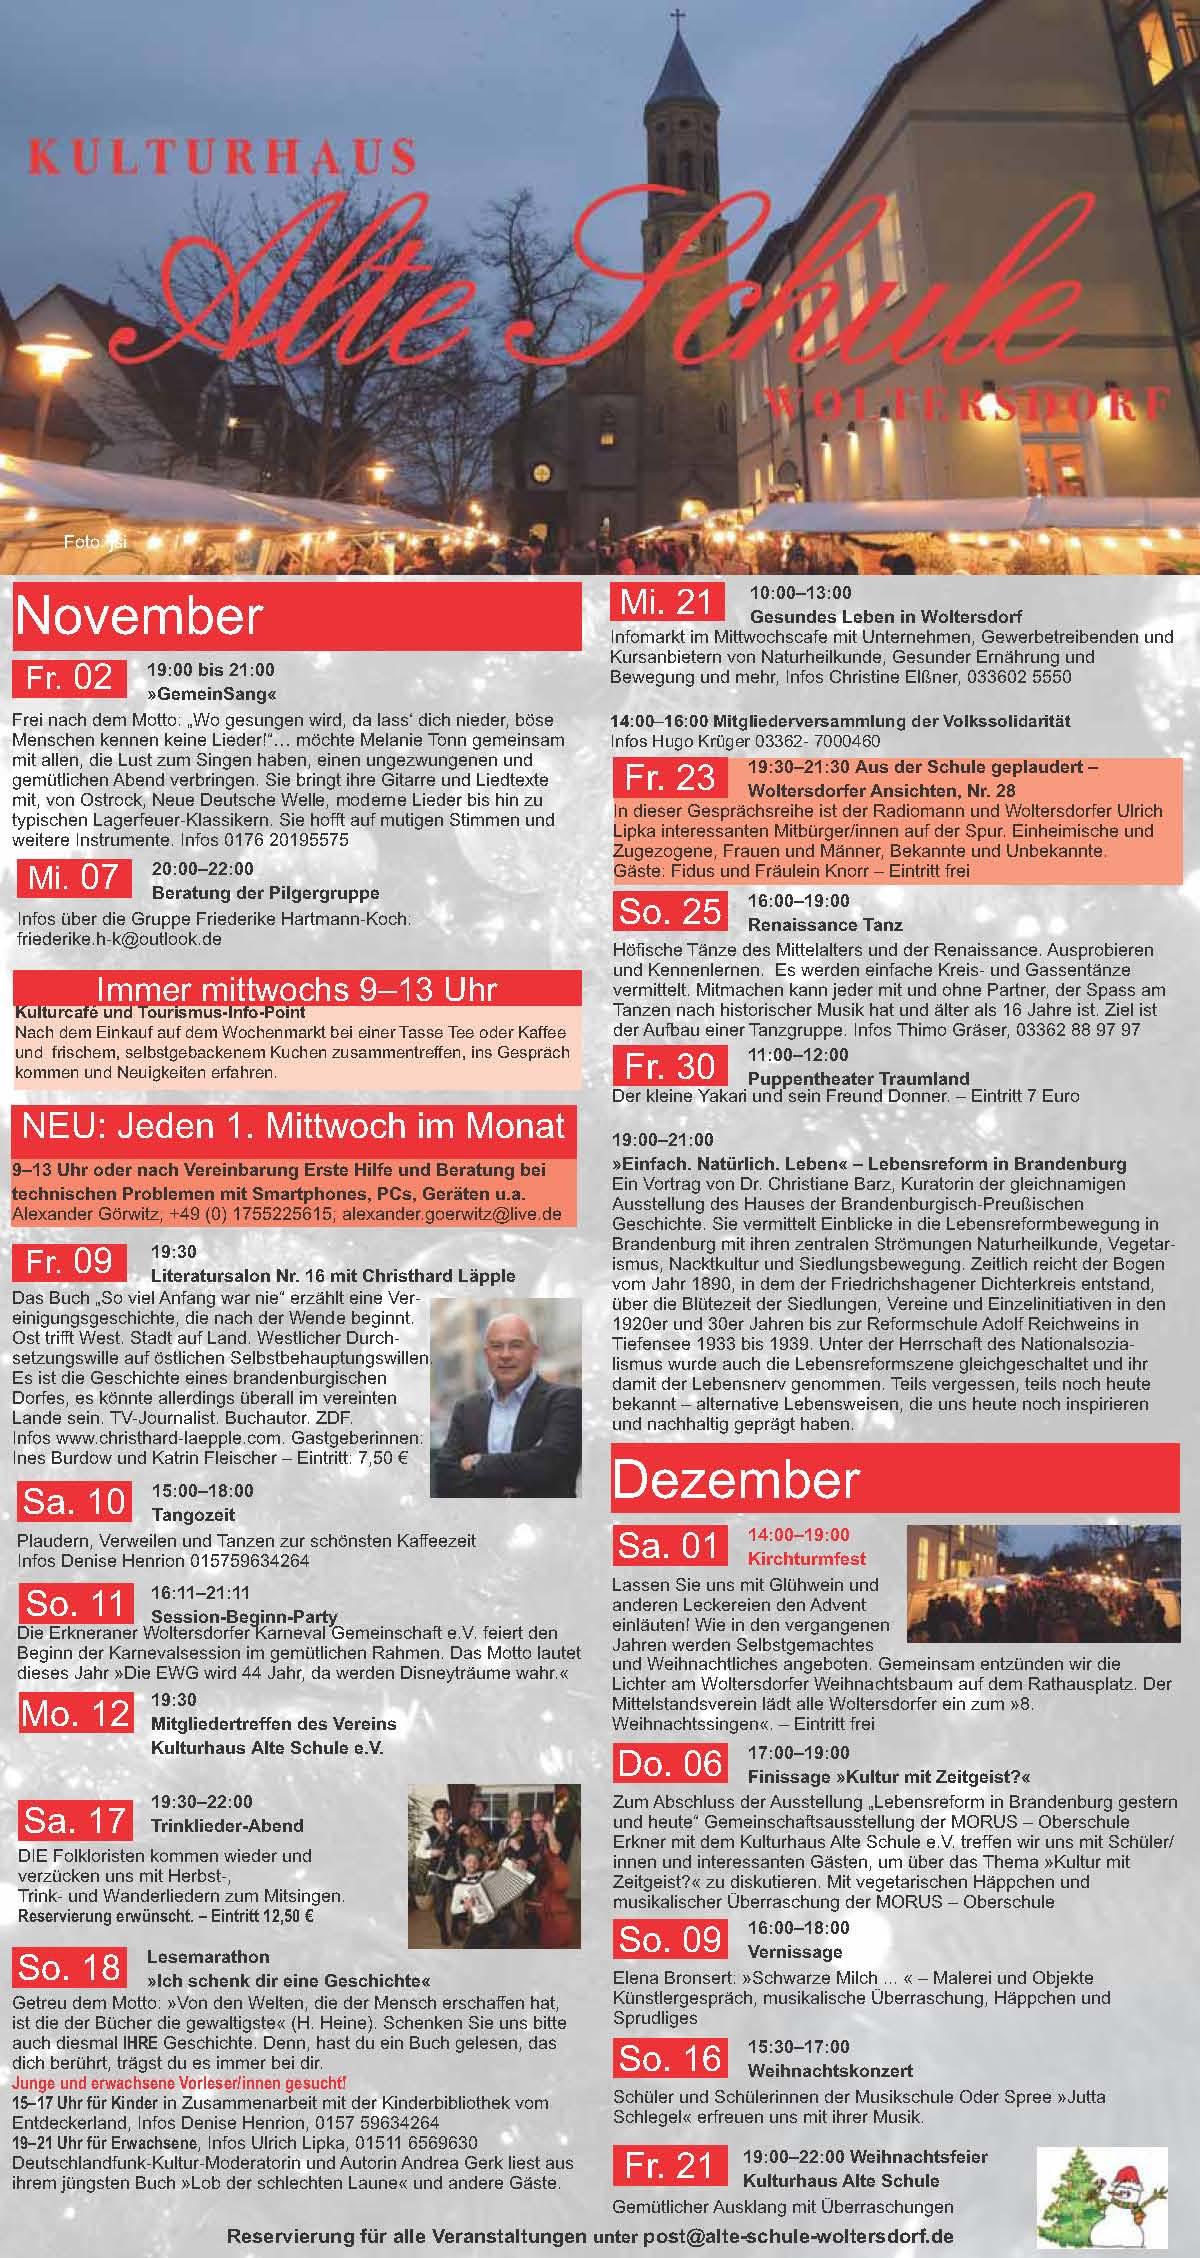 Programm November/Dezember 2018